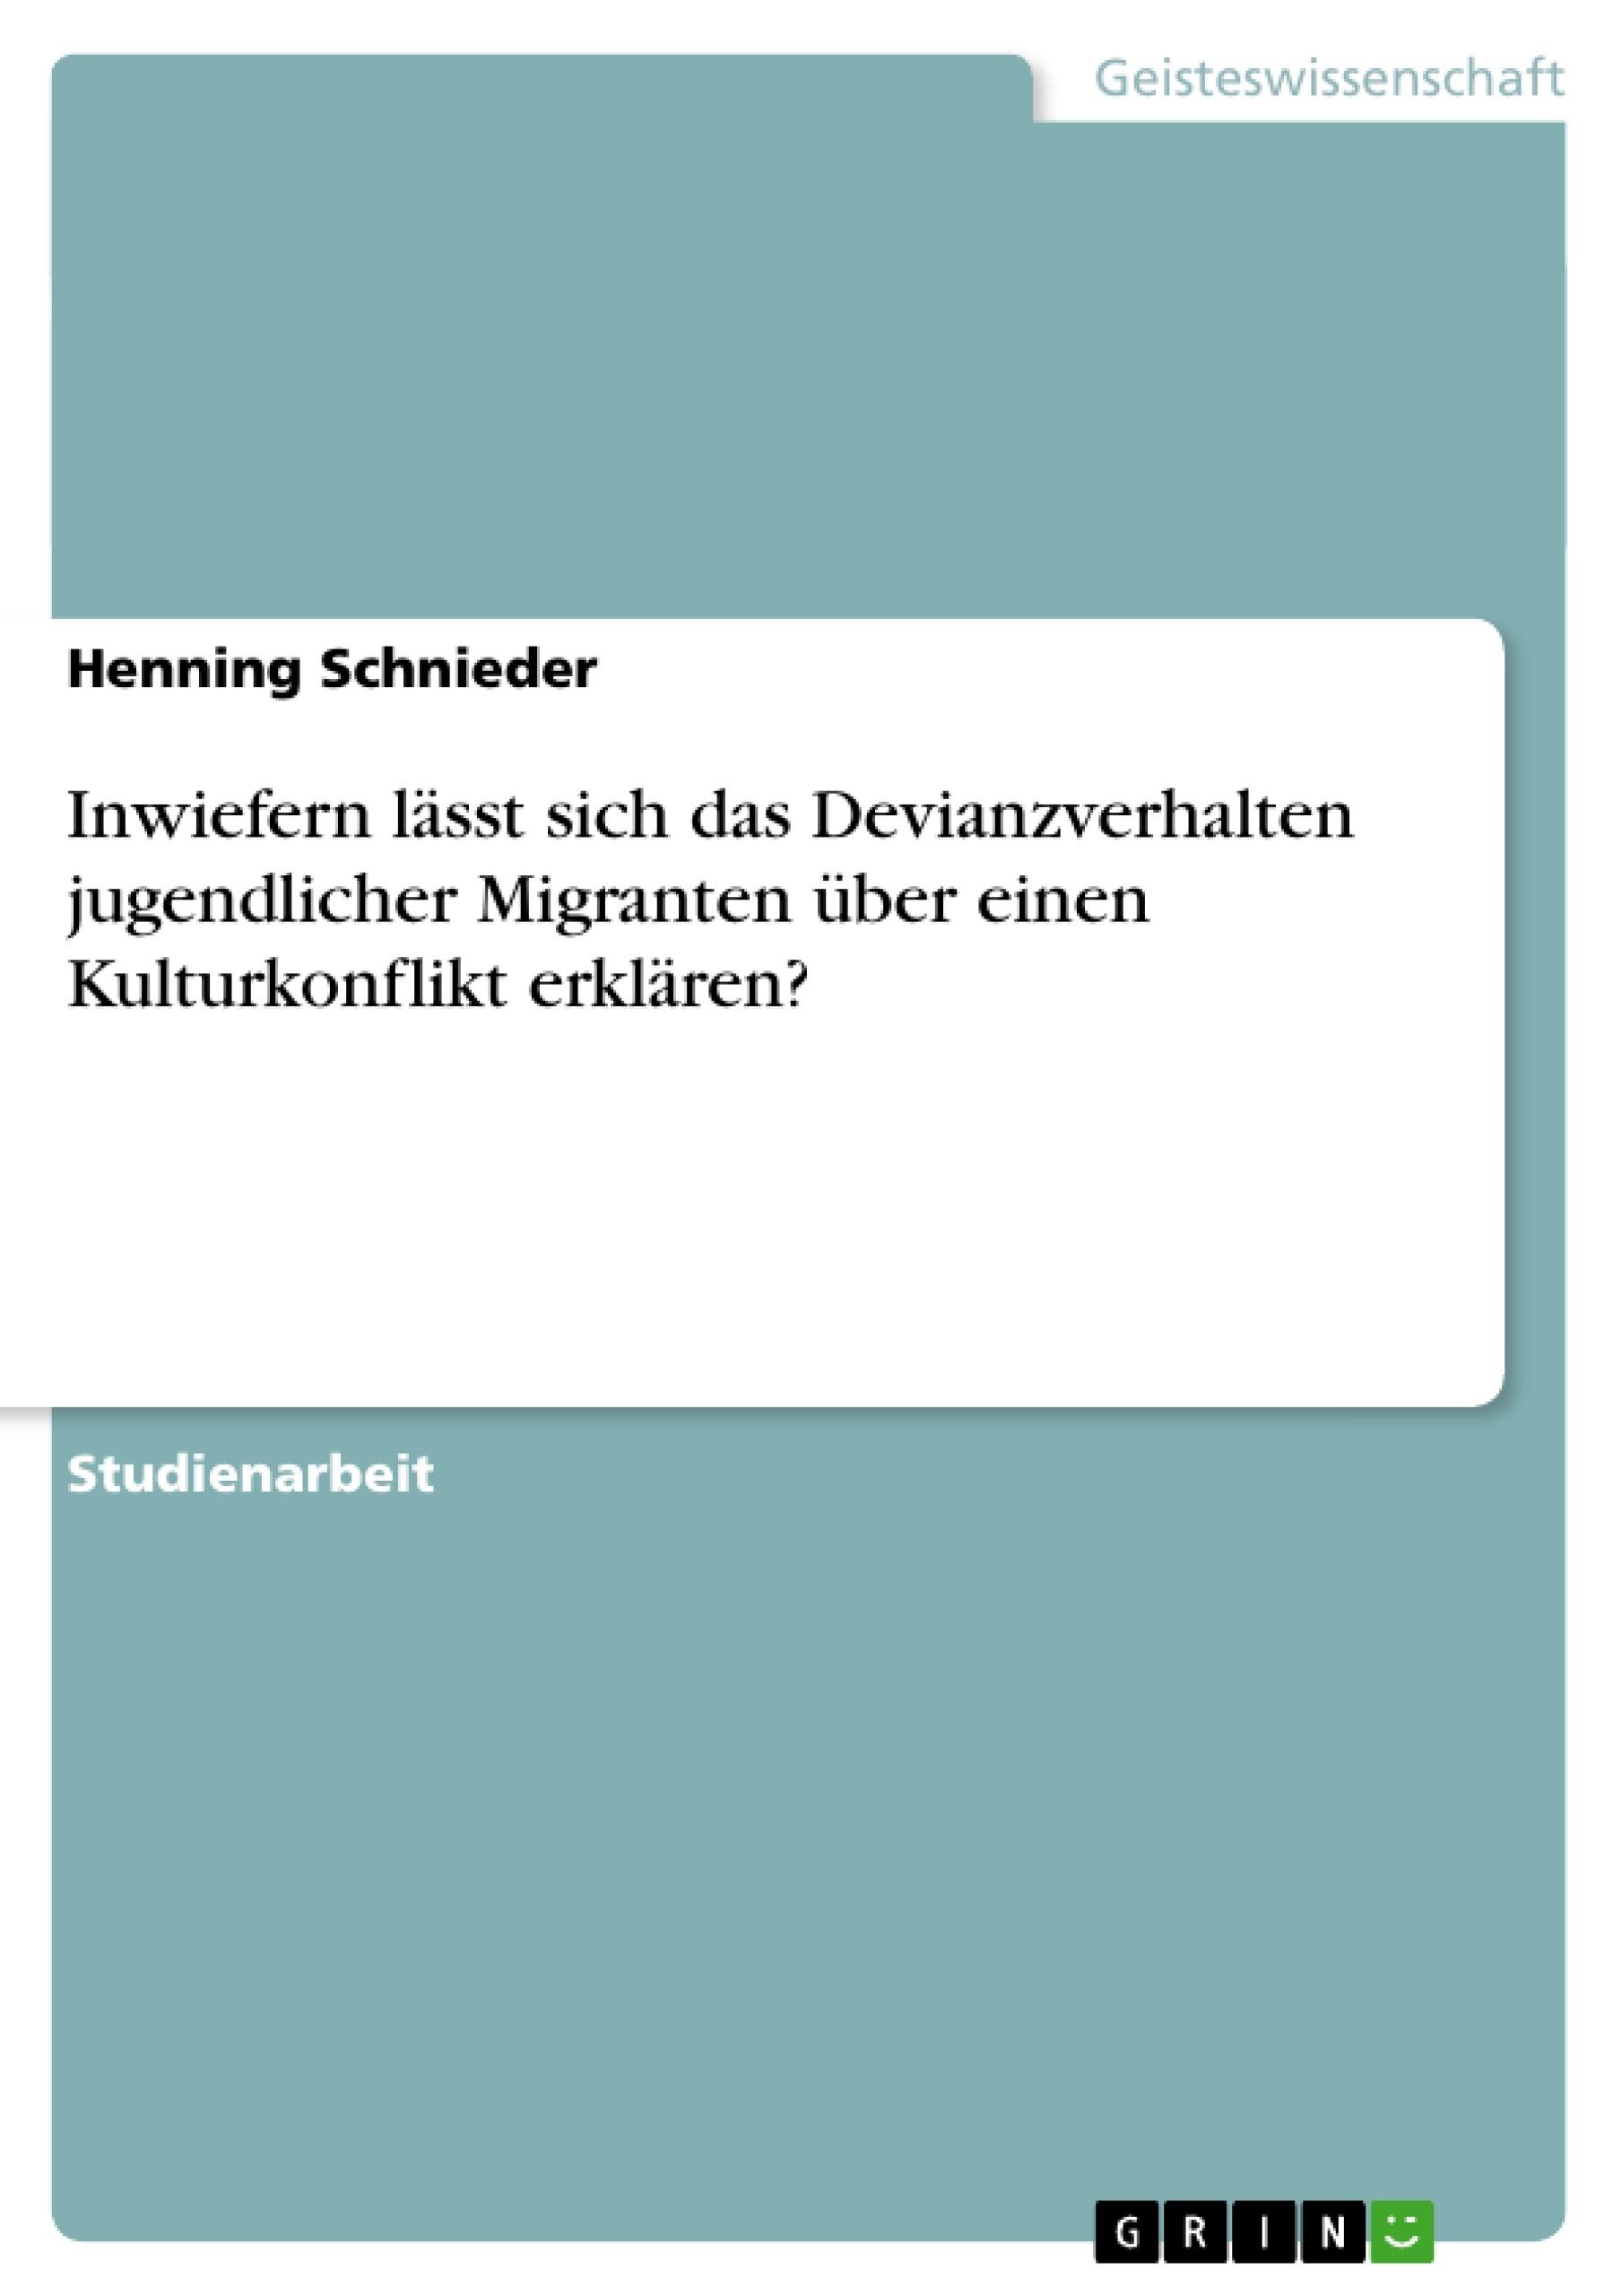 Titel: Inwiefern lässt sich das Devianzverhalten jugendlicher Migranten über einen Kulturkonflikt erklären?